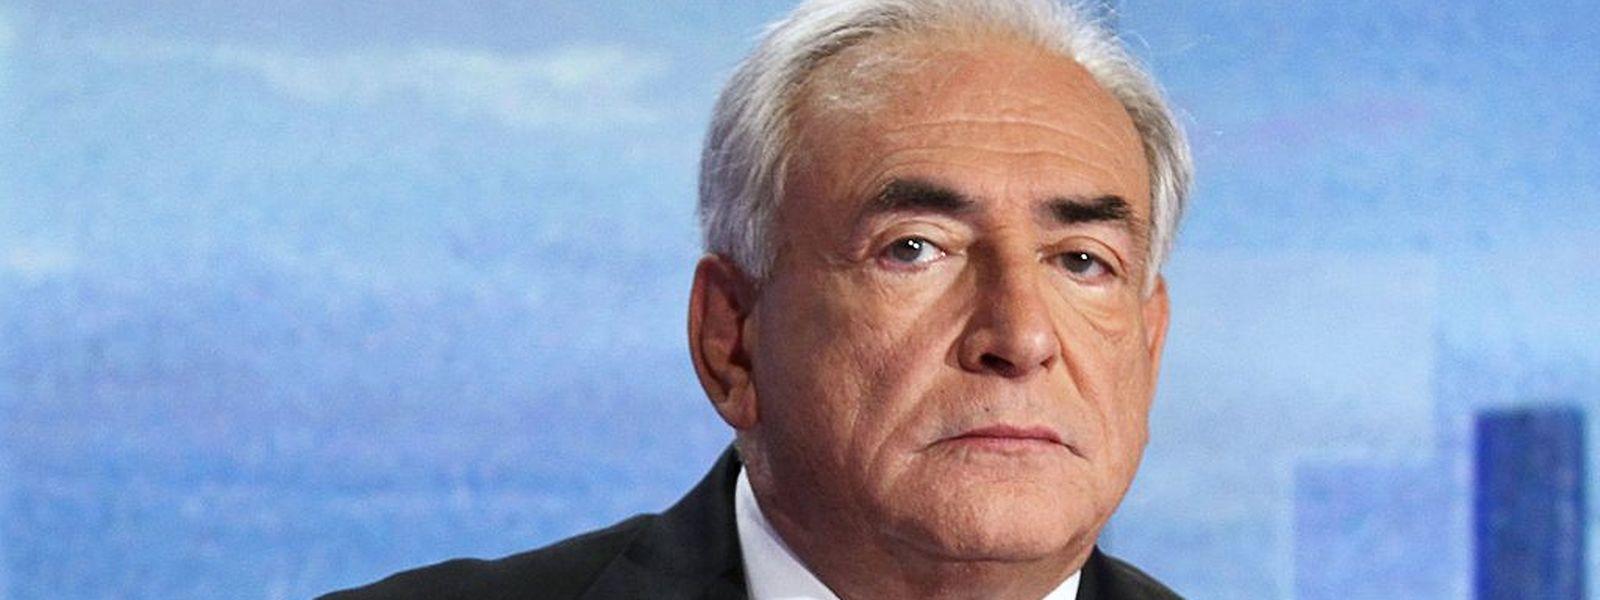 Erstmals muss Dominique Strauss-Kahn in dem Prozess aussagen.